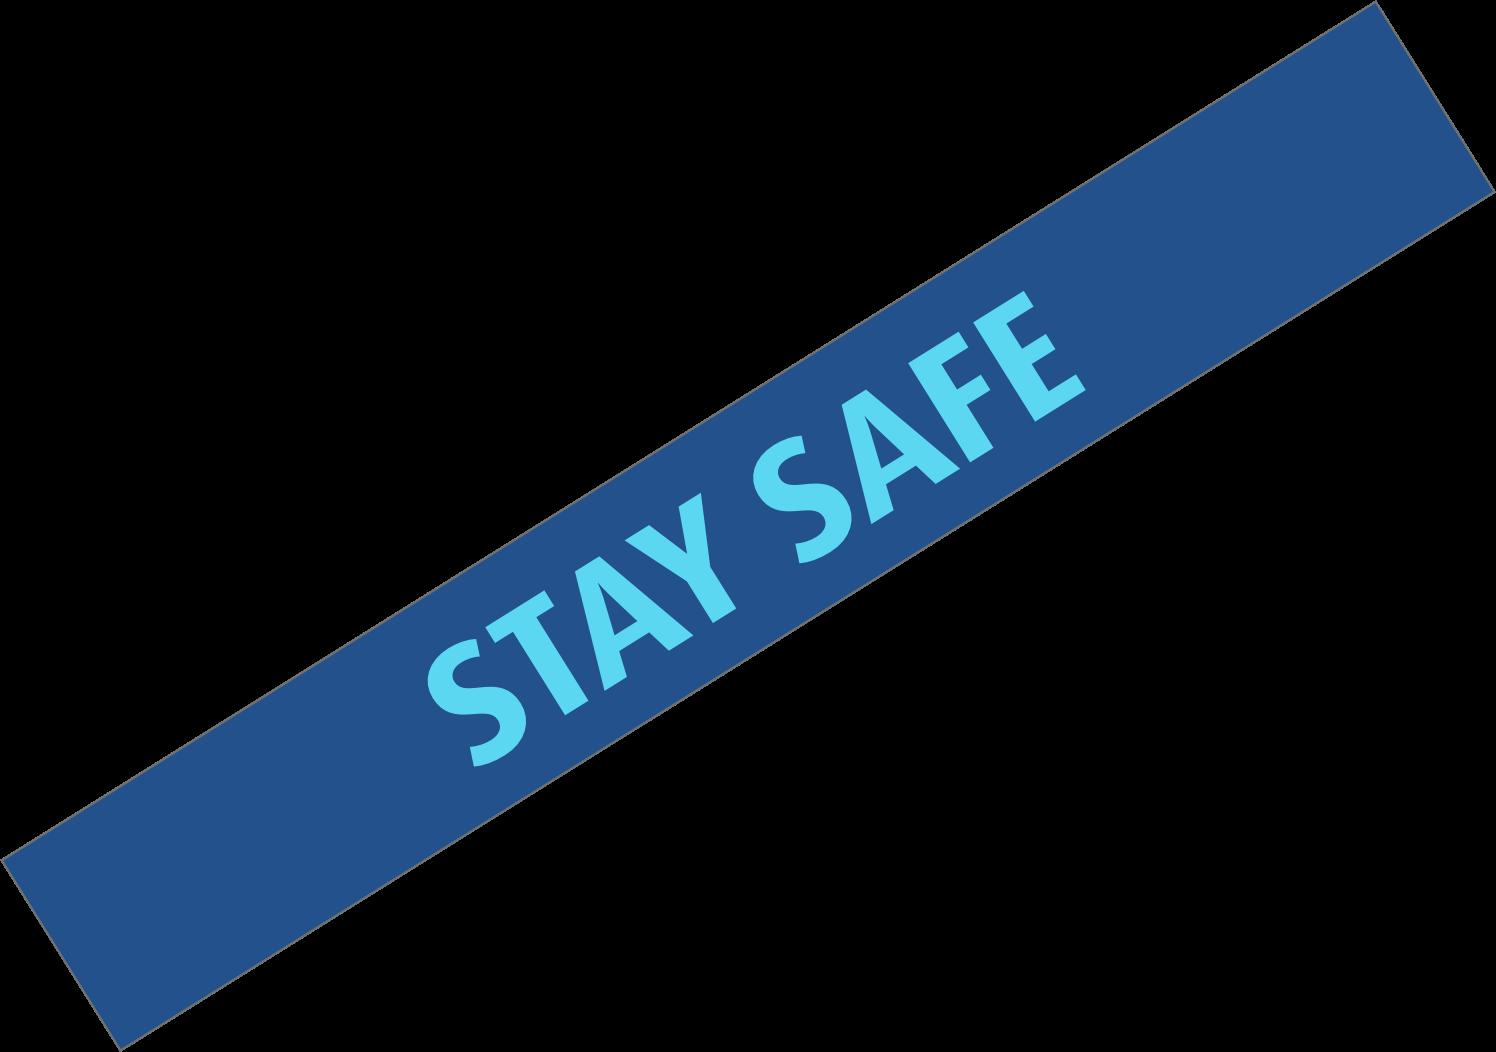 StaySafe@2x